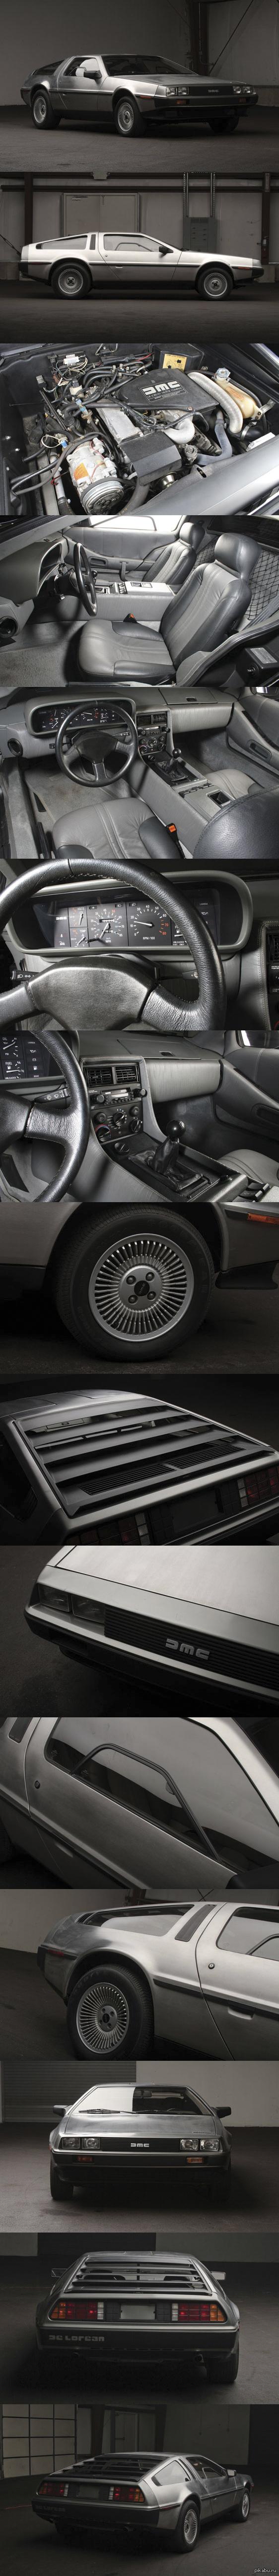 1982 DeLorean DMC-12 Мечта детства